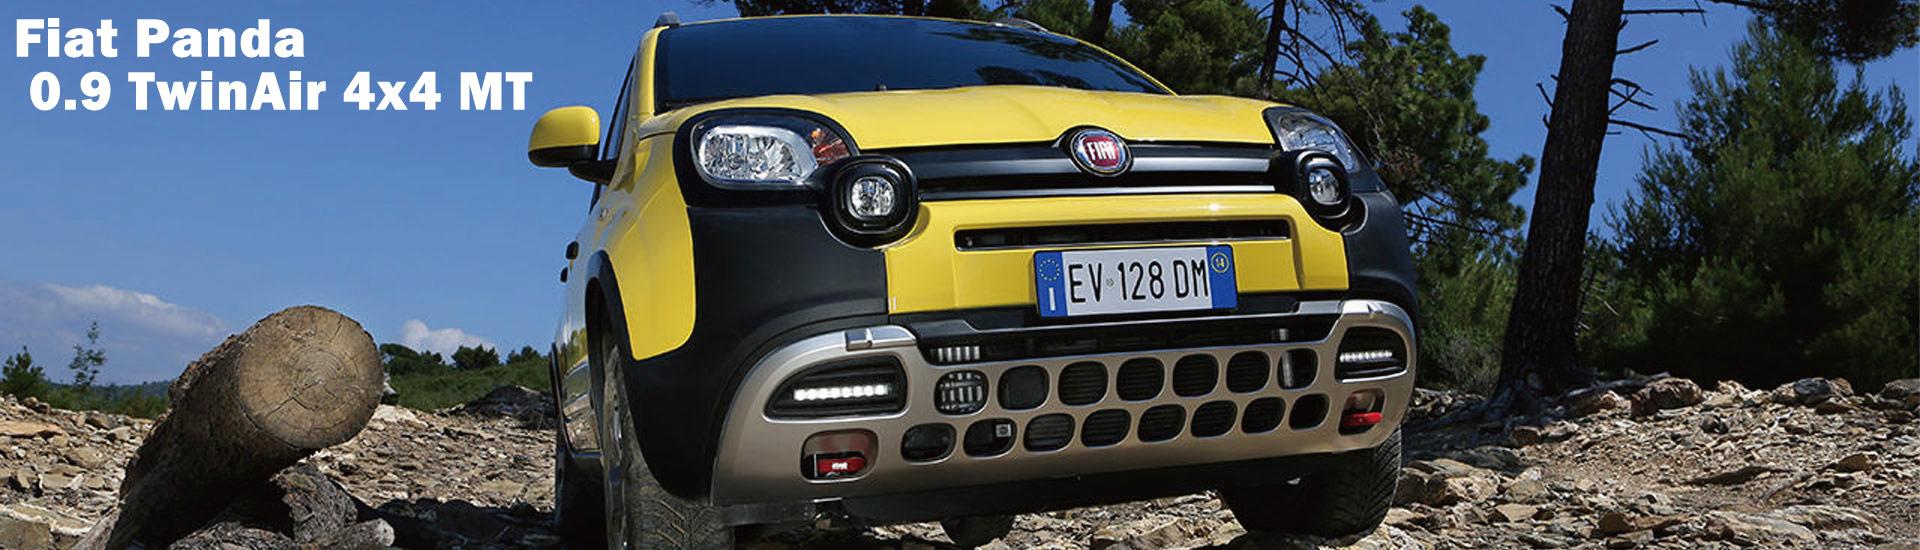 Fiat Panda 0.9 TwinAir 4x4 MT